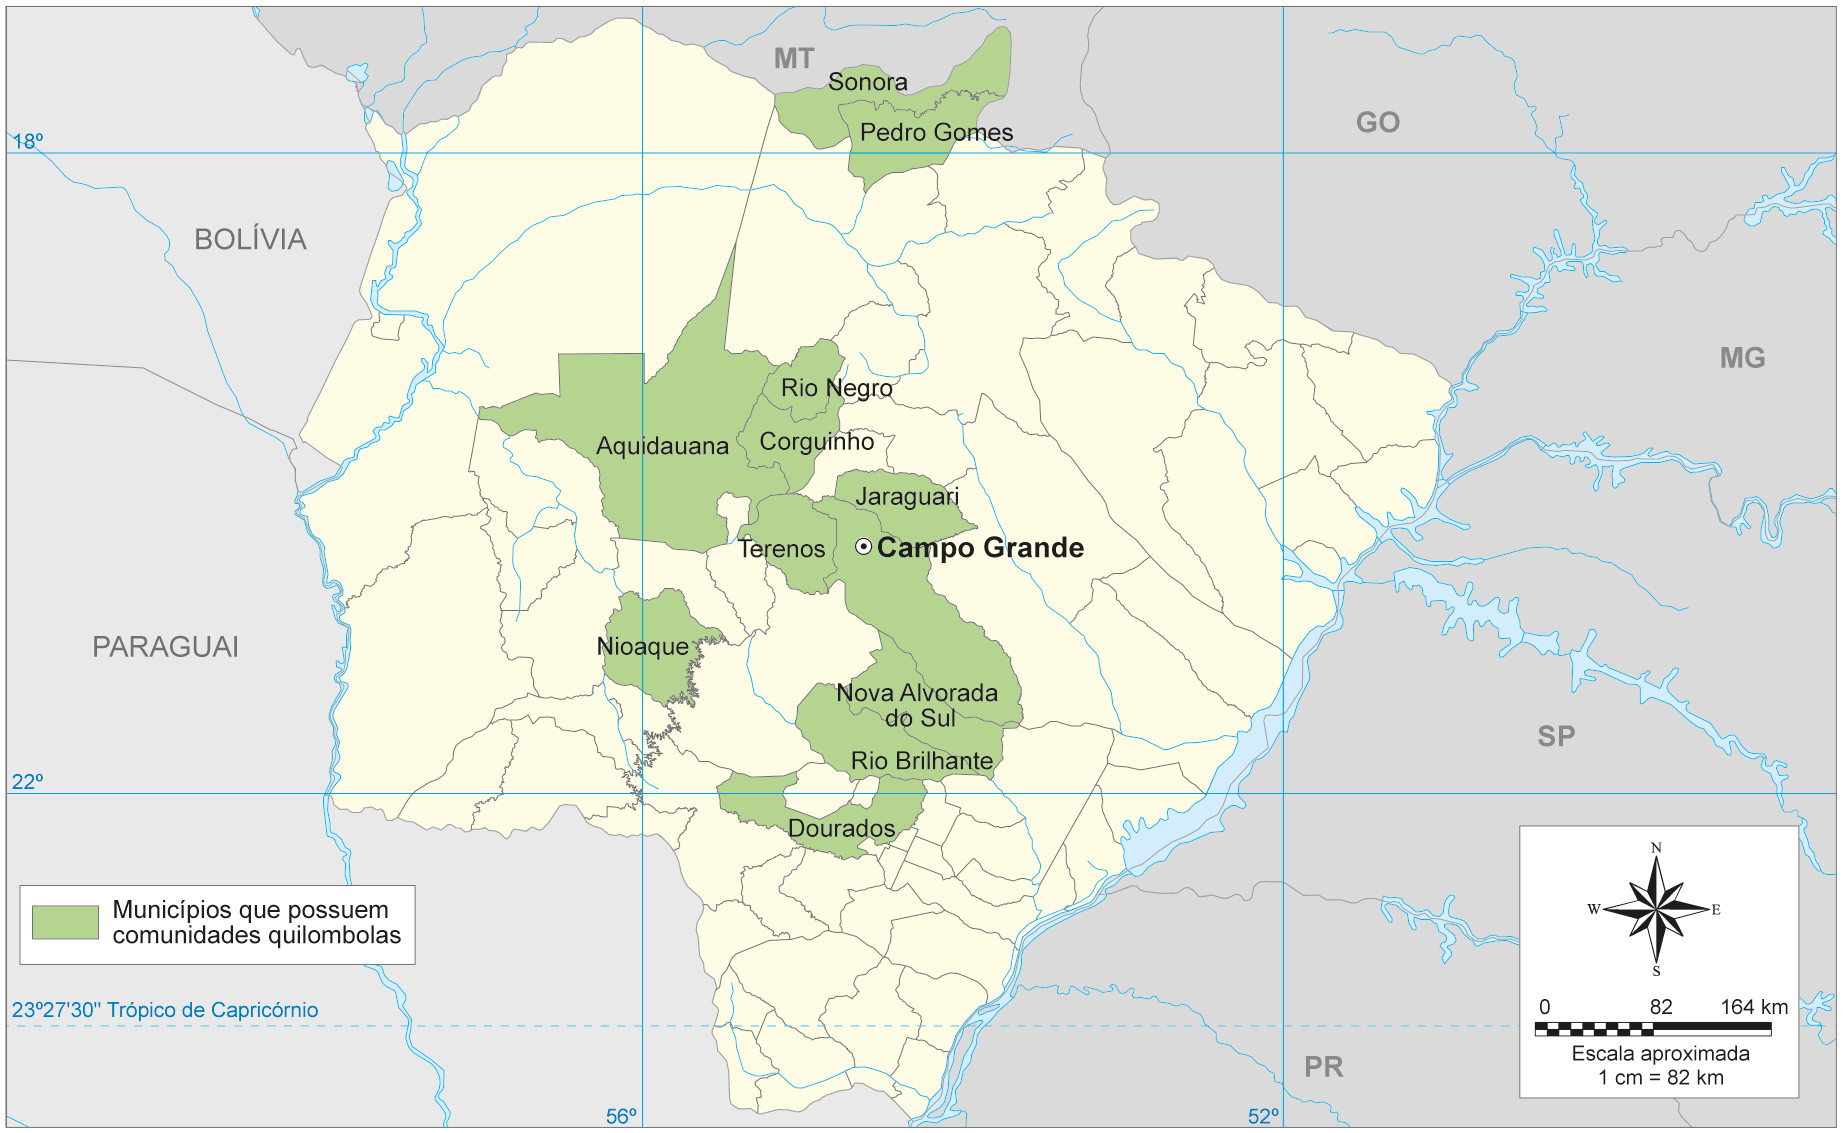 Comunidades rurais quilombolas no Mato Grosso do Sul - Mapa